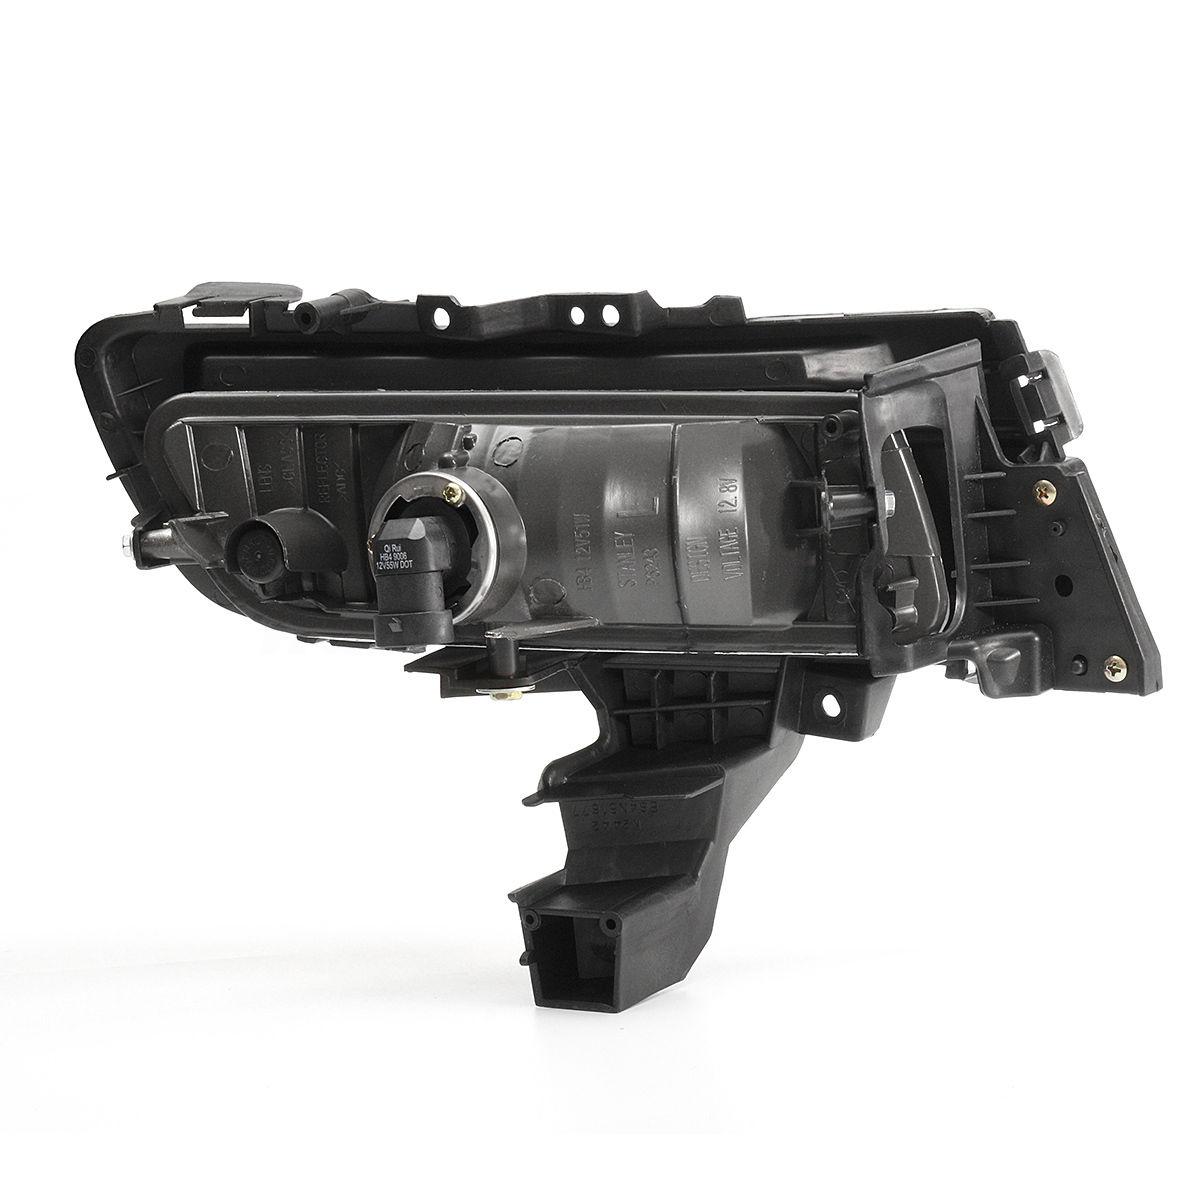 12 V 55 W avant gauche antibrouillard lampe 9006 pour Mazda3 2007-2009 universel haute qualité voiture lumière